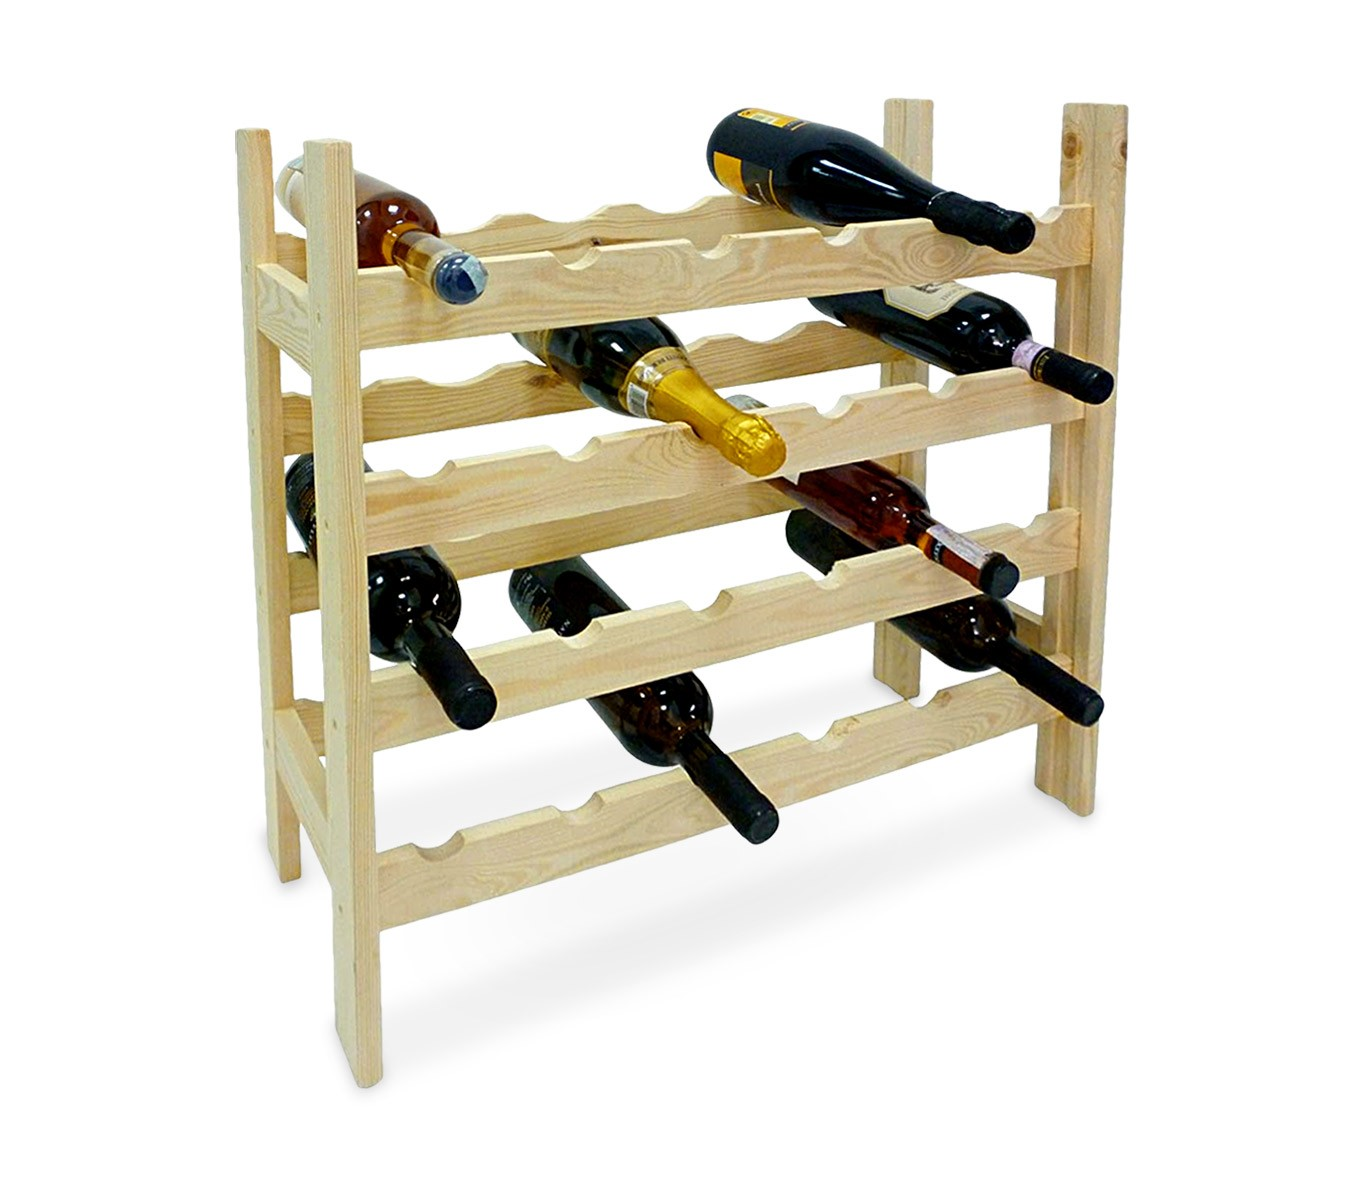 Porta bottiglie di vino arsenal in legno da muro cantina a muro per bottiglie di vino da posti - Cantinetta vini ikea ...